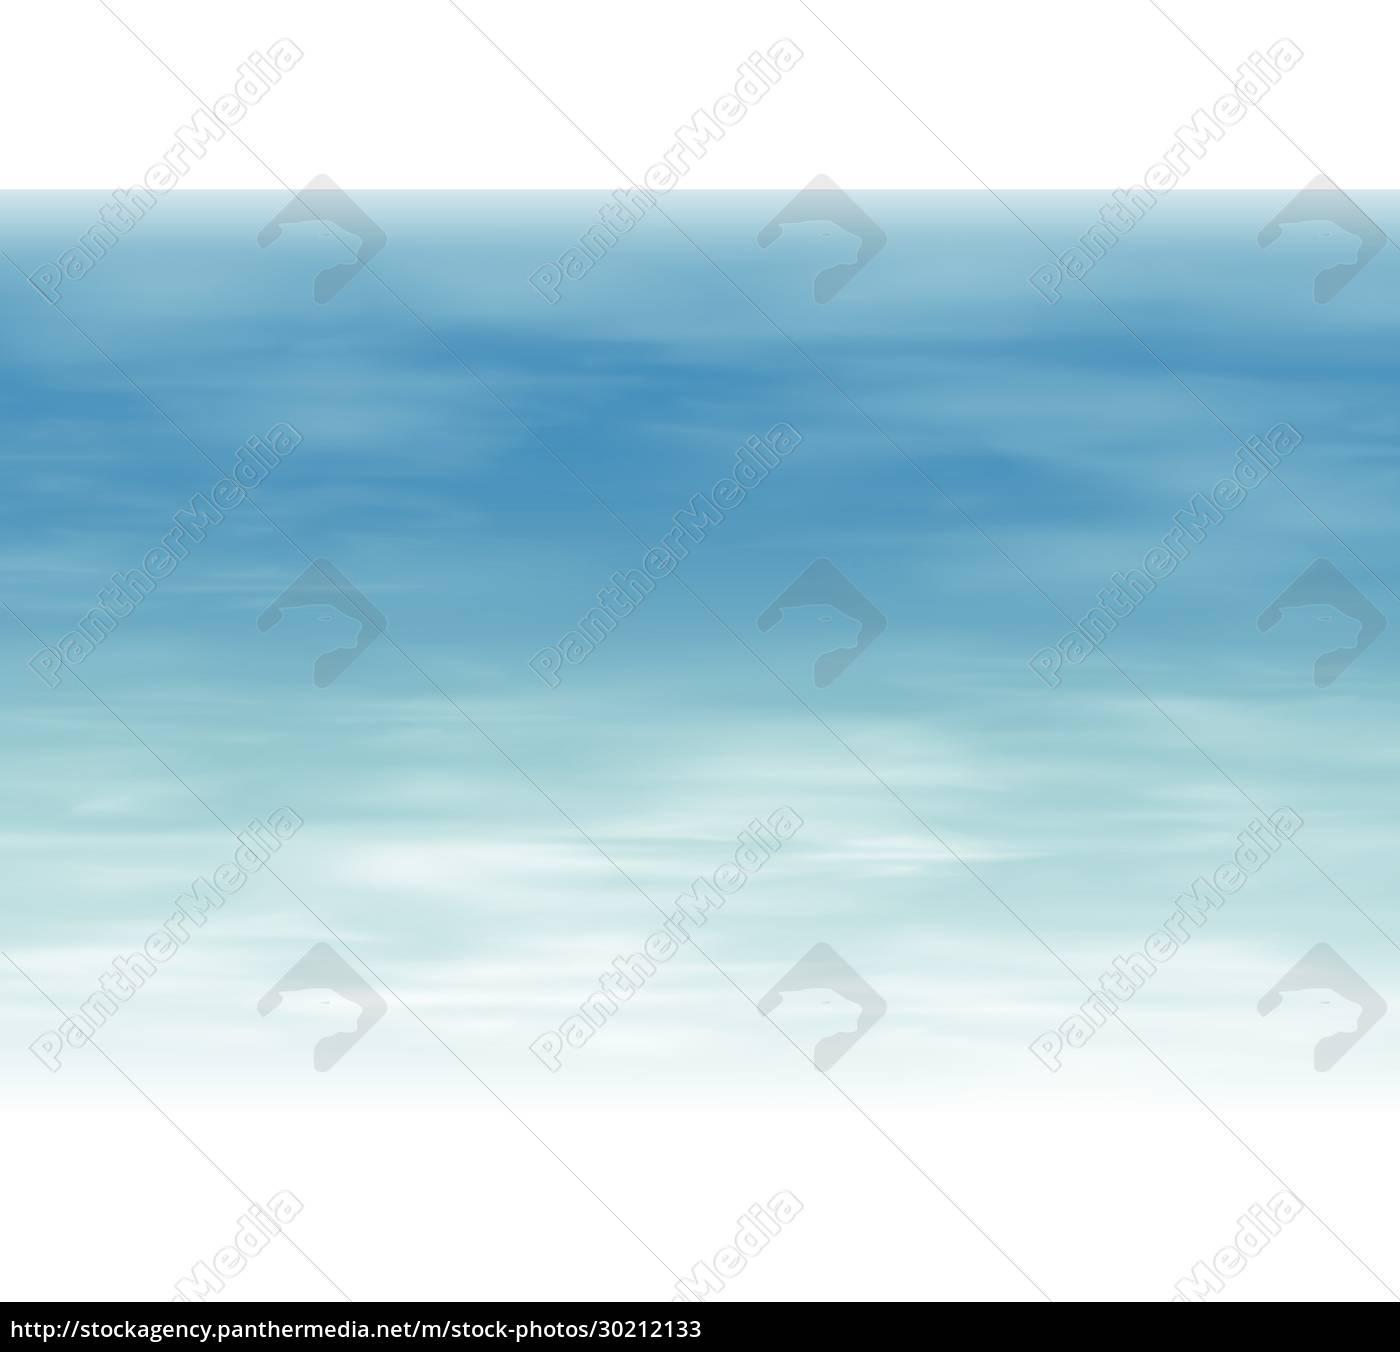 the, sky - 30212133